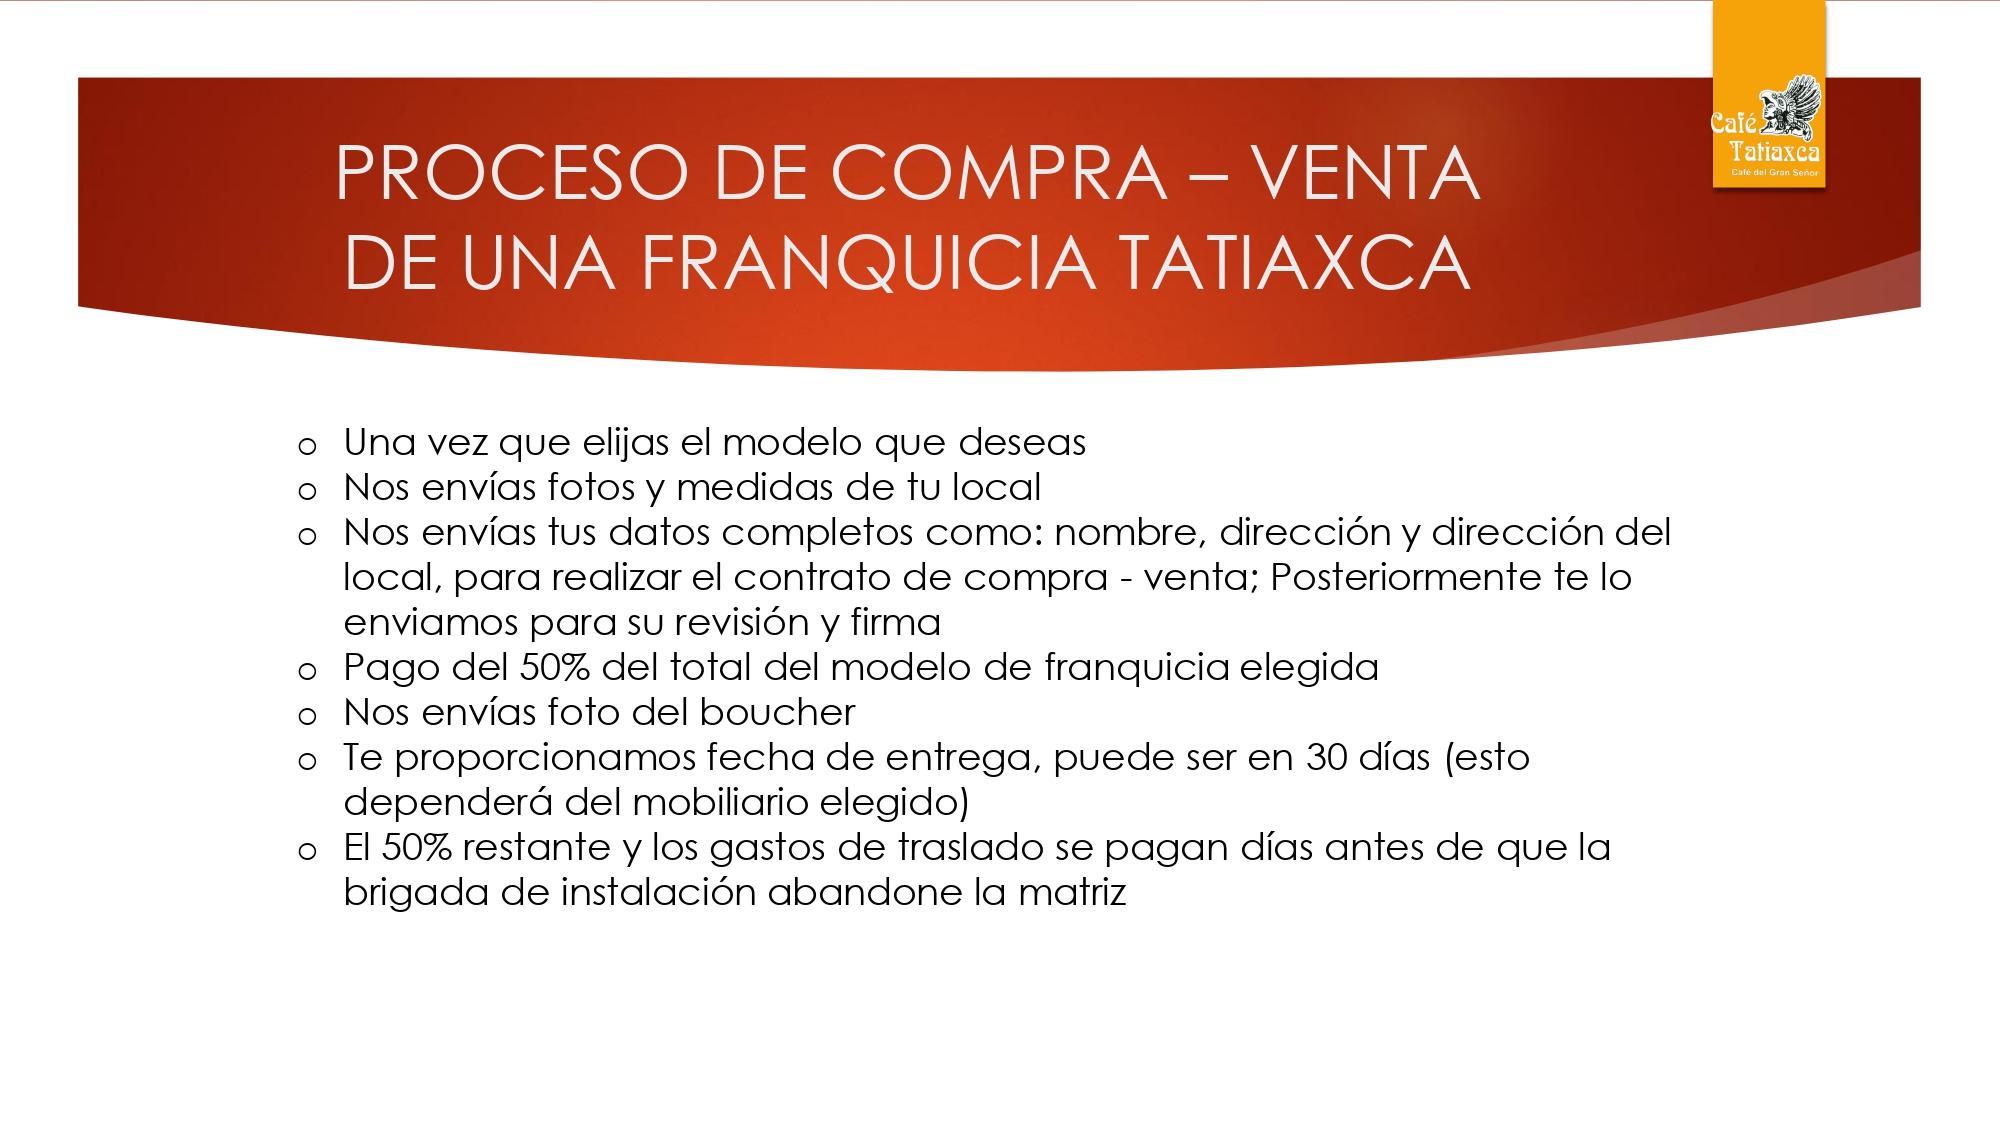 PROCESO DE COMPRA FRANQUICIA TATIAXCA